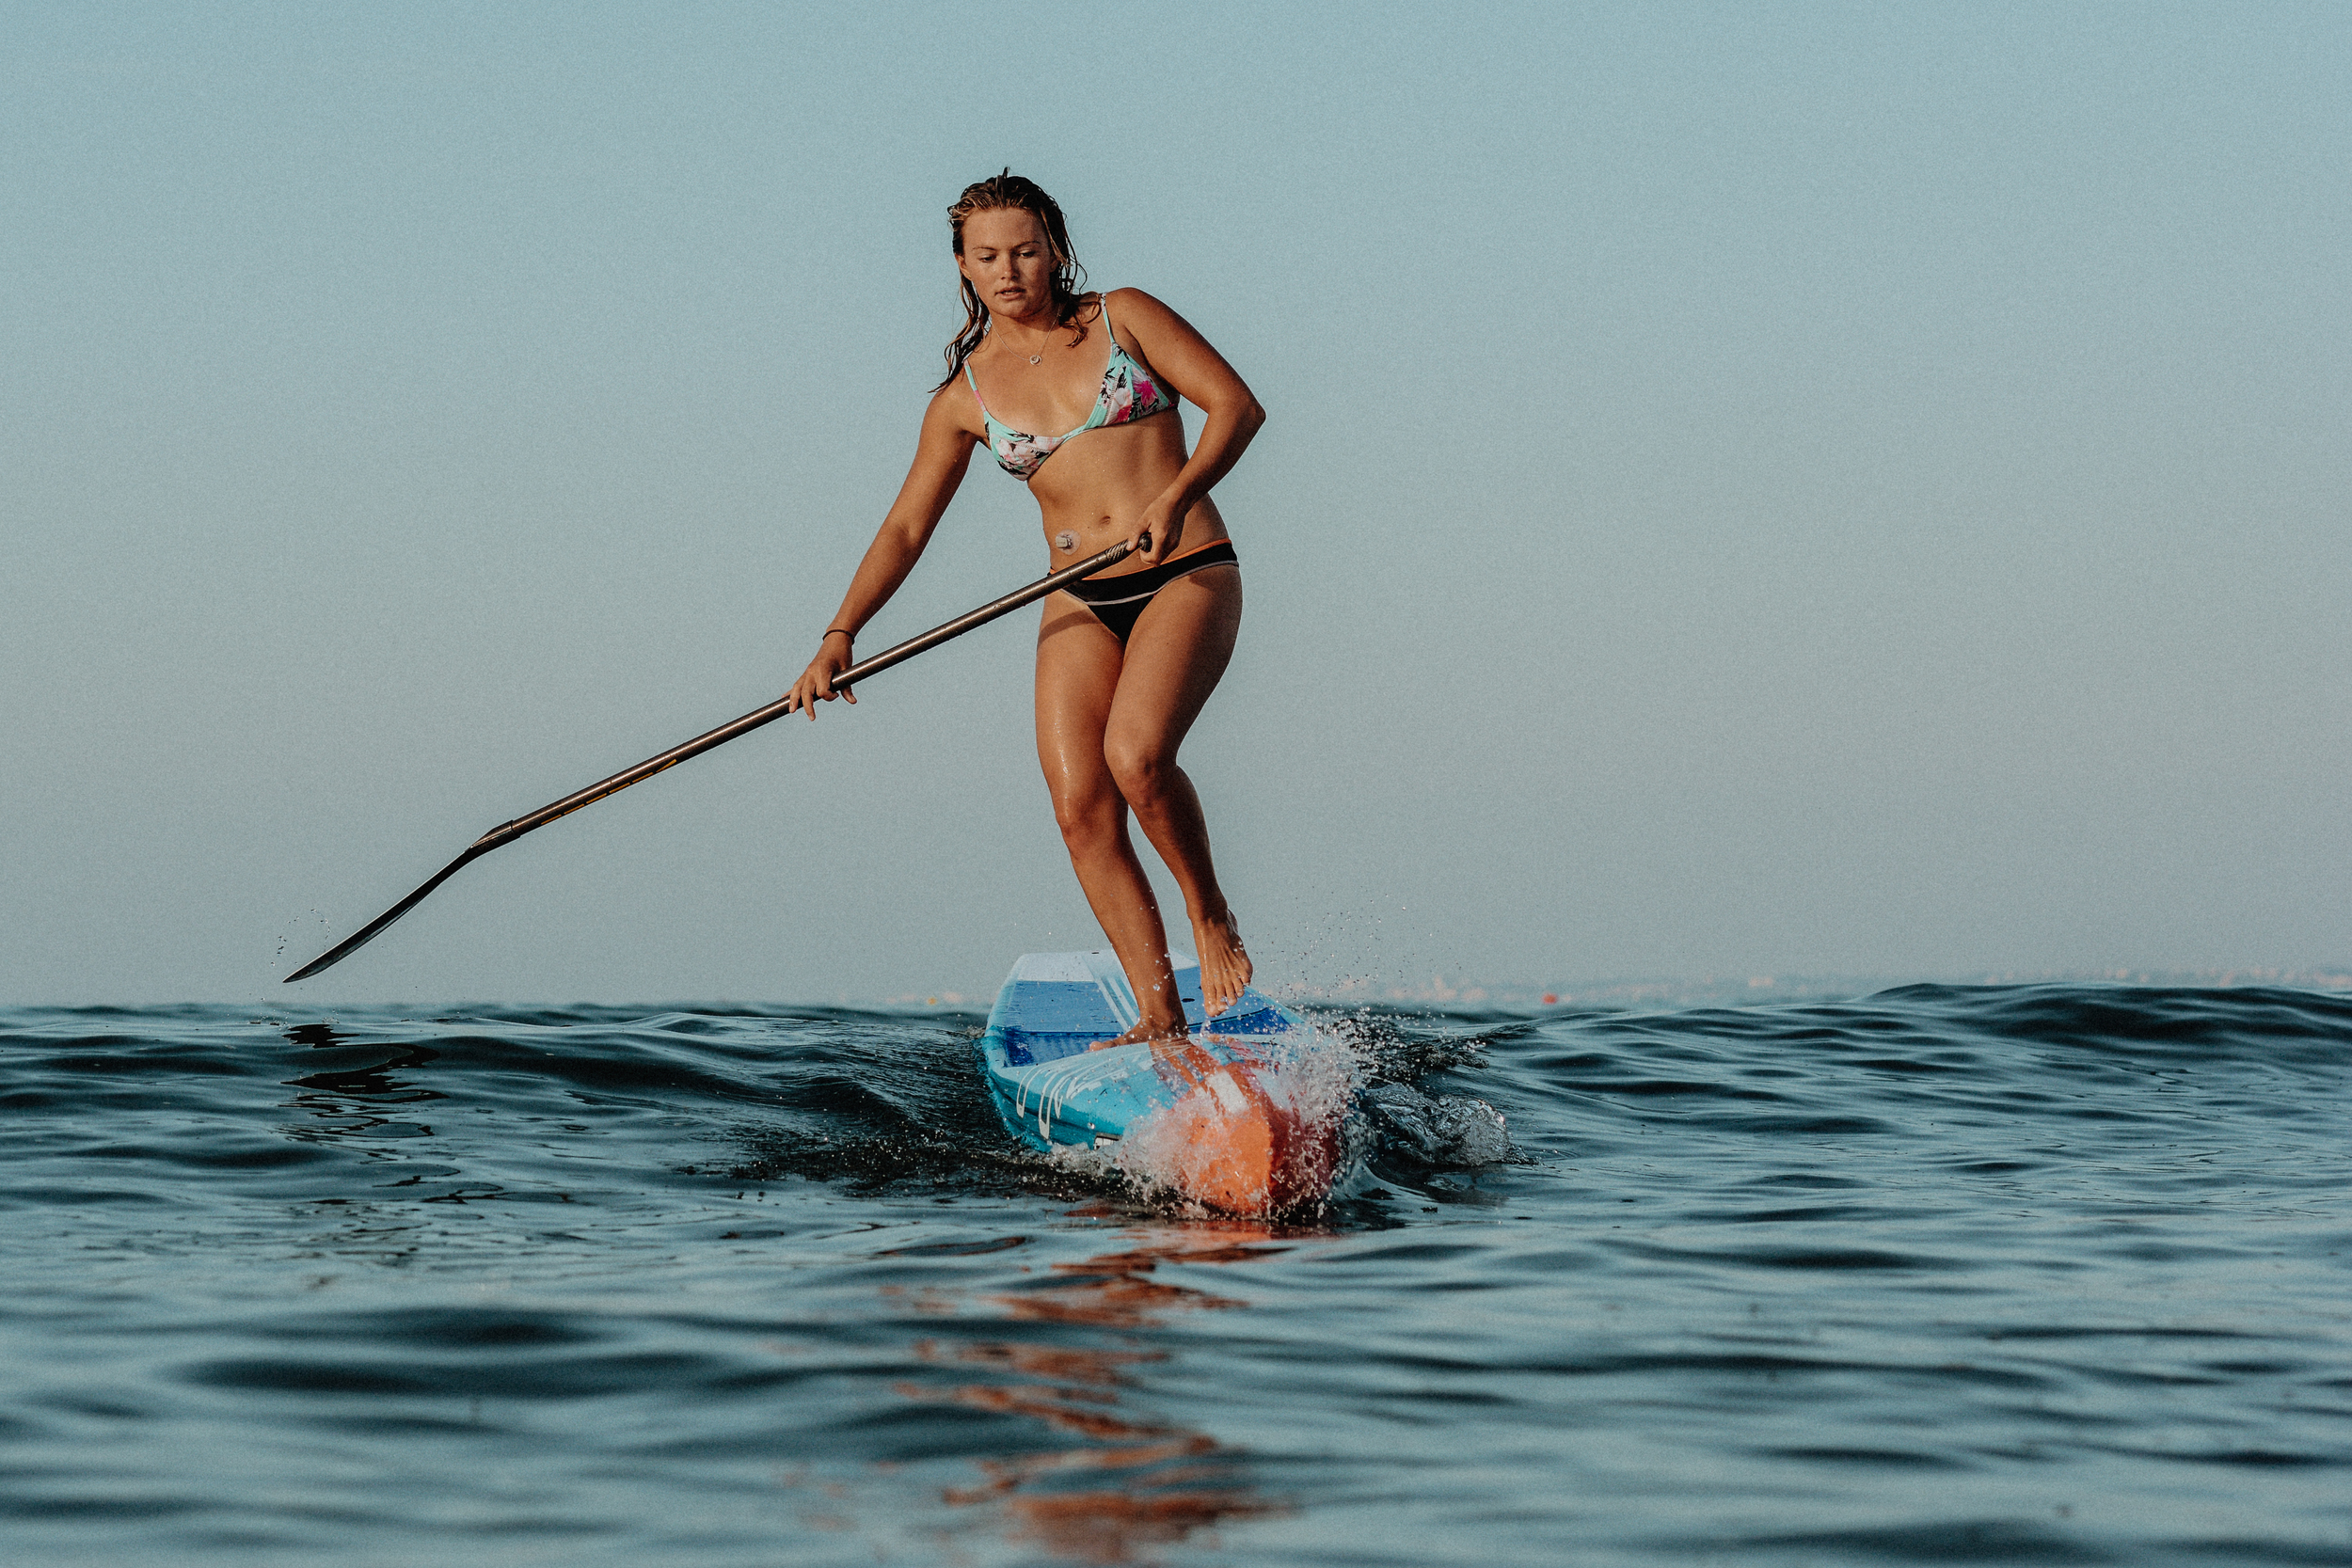 Fiona Wylde - Hood River, Oregon - Pro Stand Up Paddler & Windsurfer